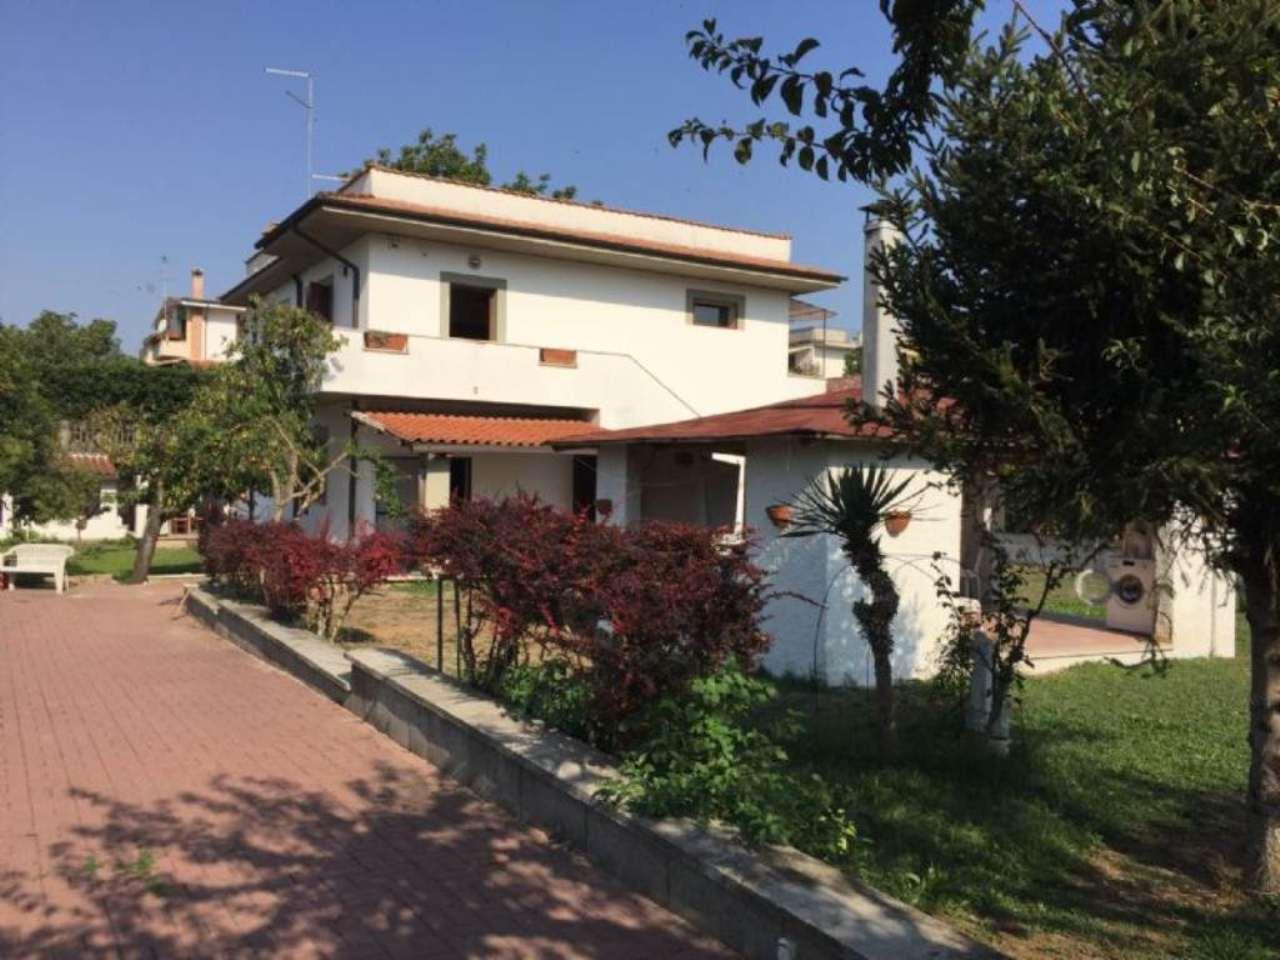 Villa in vendita a Palombara Sabina, 4 locali, prezzo € 239.000 | Cambio Casa.it